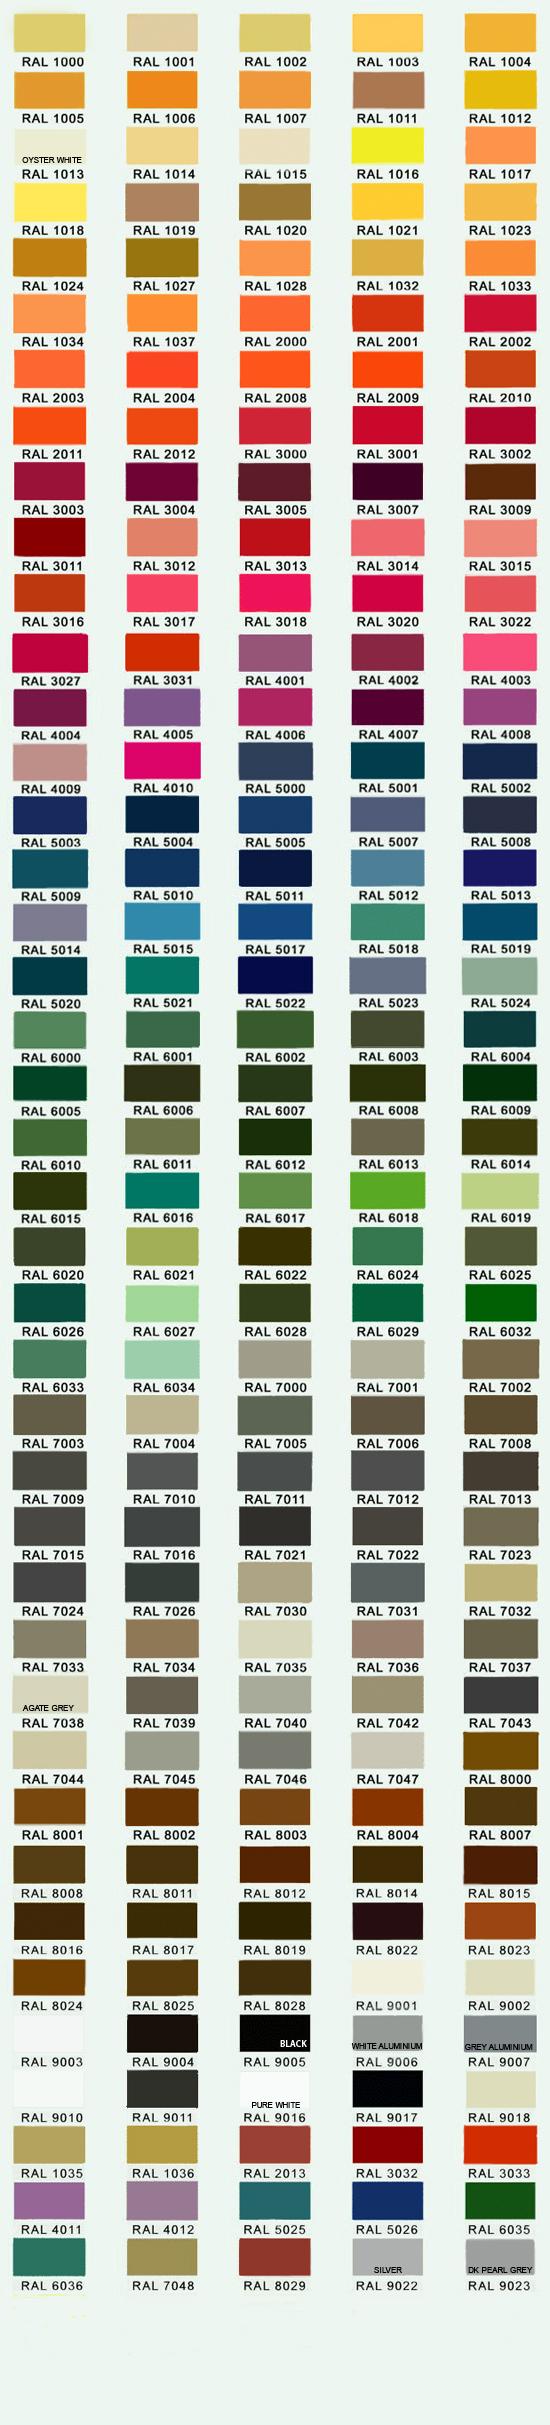 Dye Color Chart | Paint Color Chart | Parasol Inc Color Chart